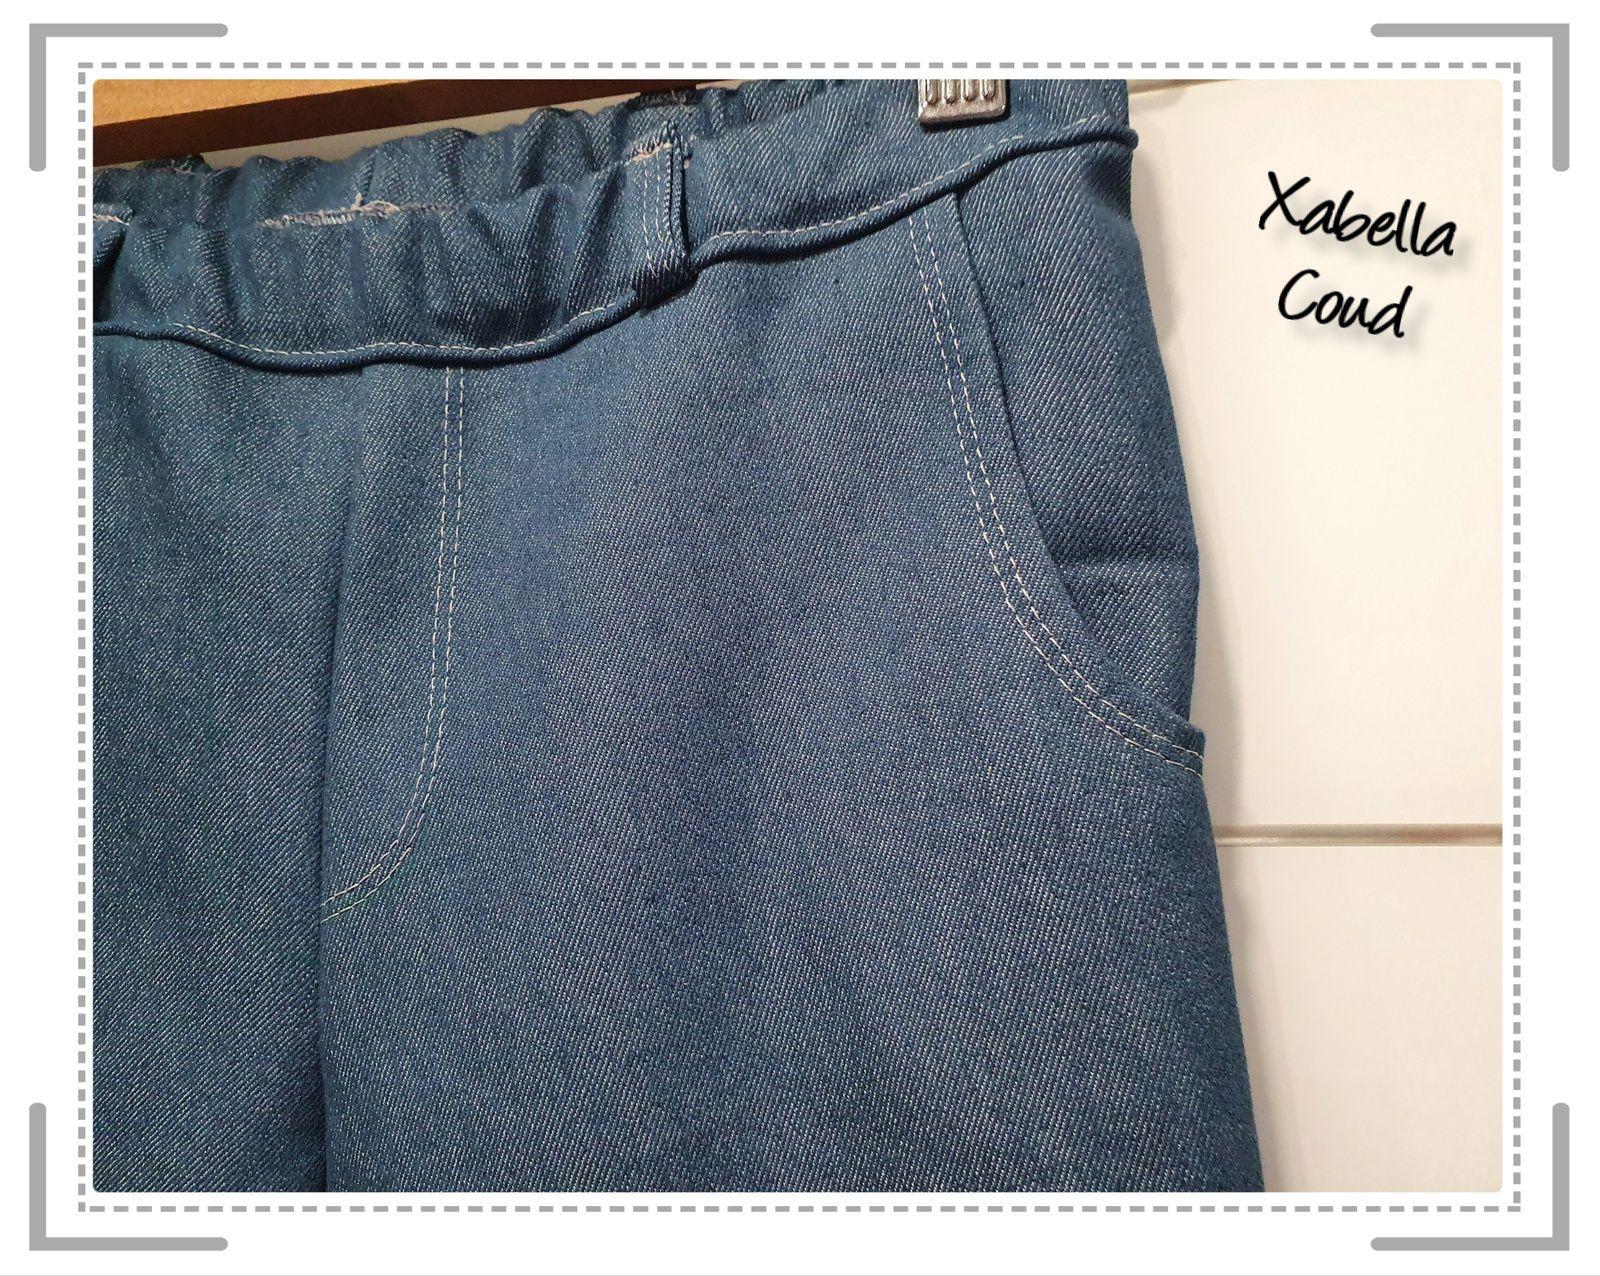 Cette fois les poches sont arrondies, plus façon jean... Je me suis amusée à faire quelques fantaisies comme des coutures en mode recouvrement... ou pas.. histoire que tous les modèles ne soient pas identiques..